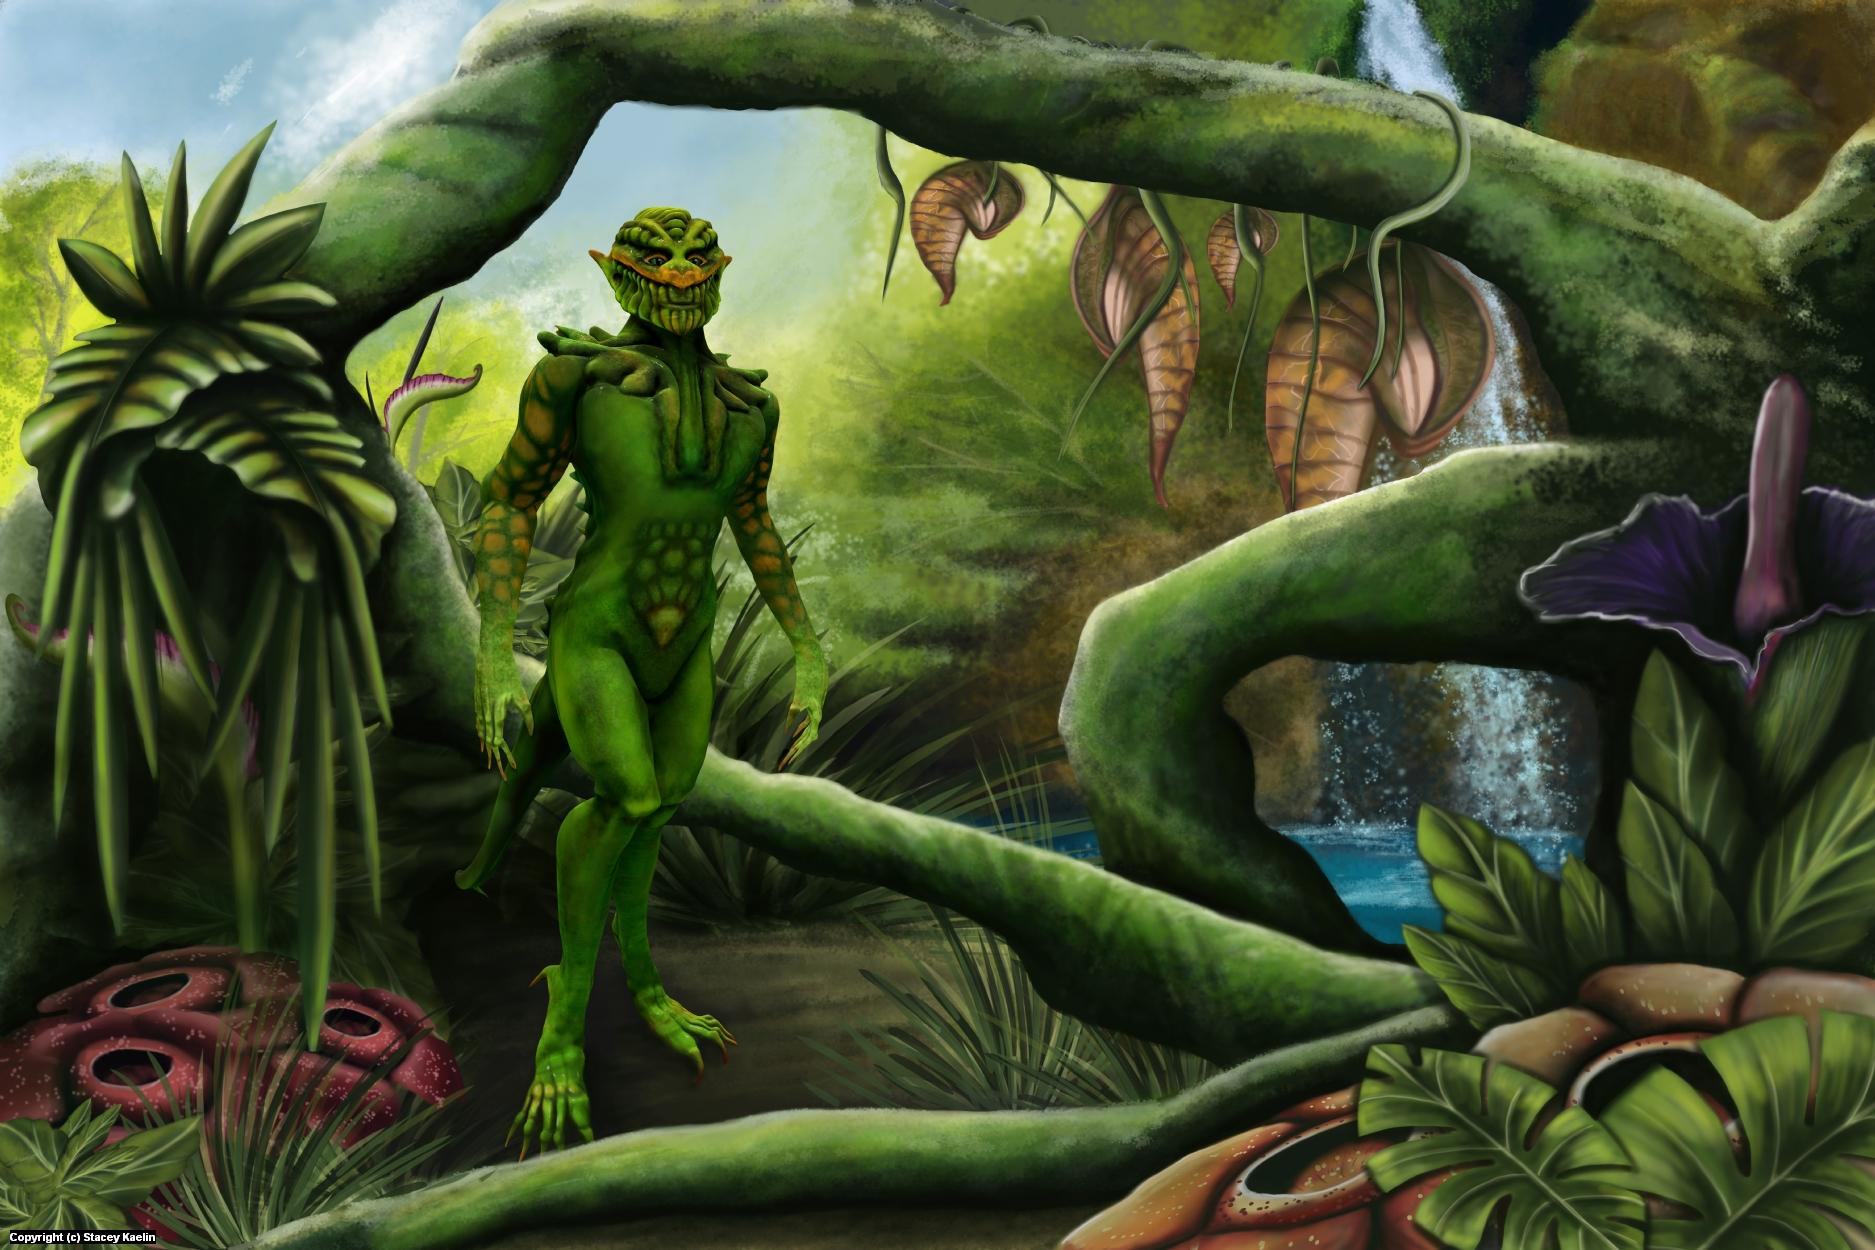 Alien Jungle Artwork by S.A. Kaelin